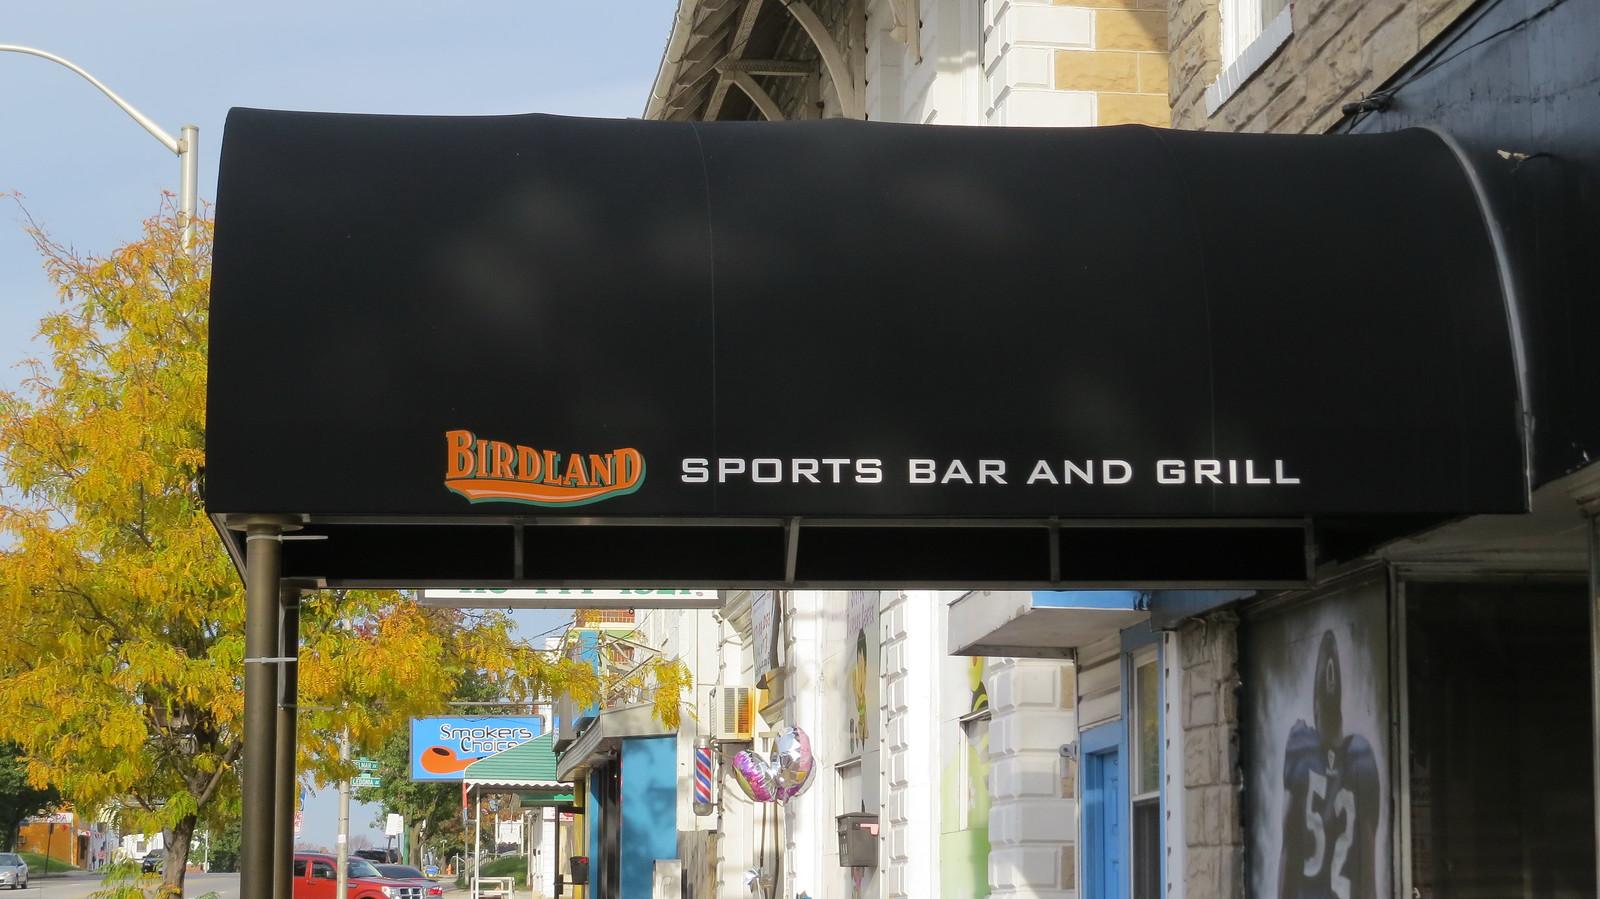 Birdland Sports Bar Awning